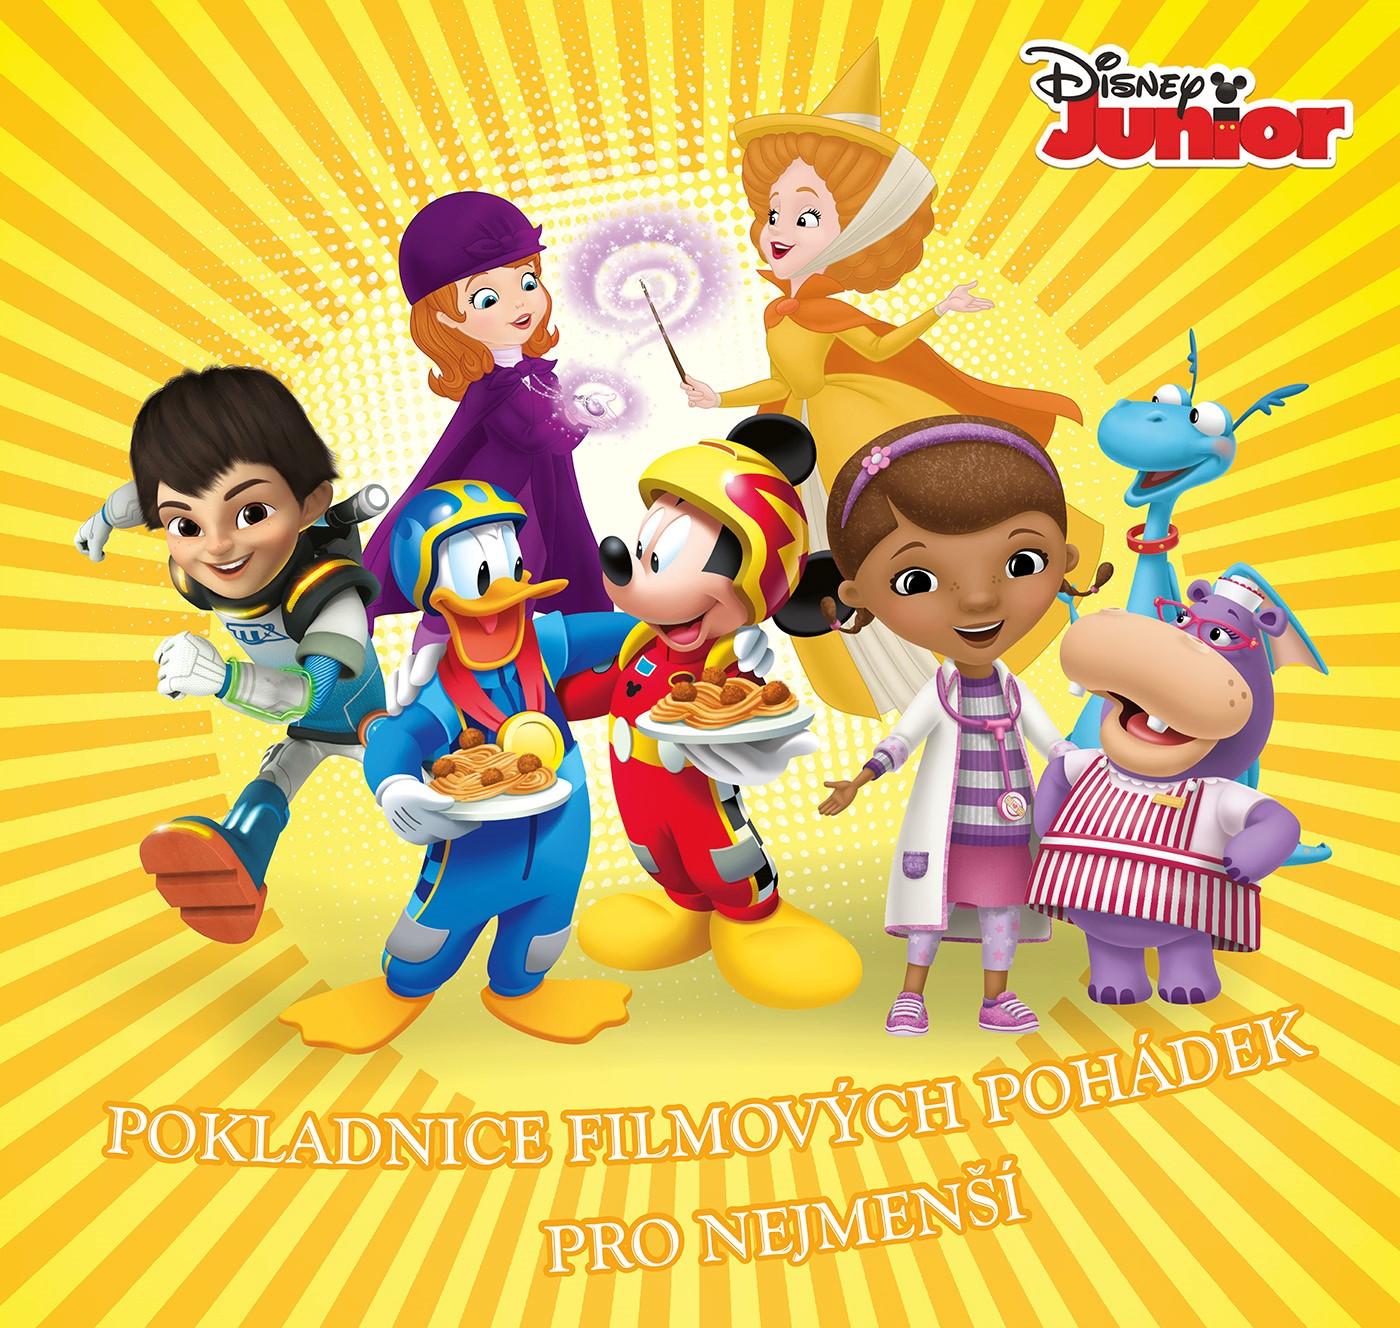 Disney Junior - Pokladnice filmových pohádek pro nejmenší